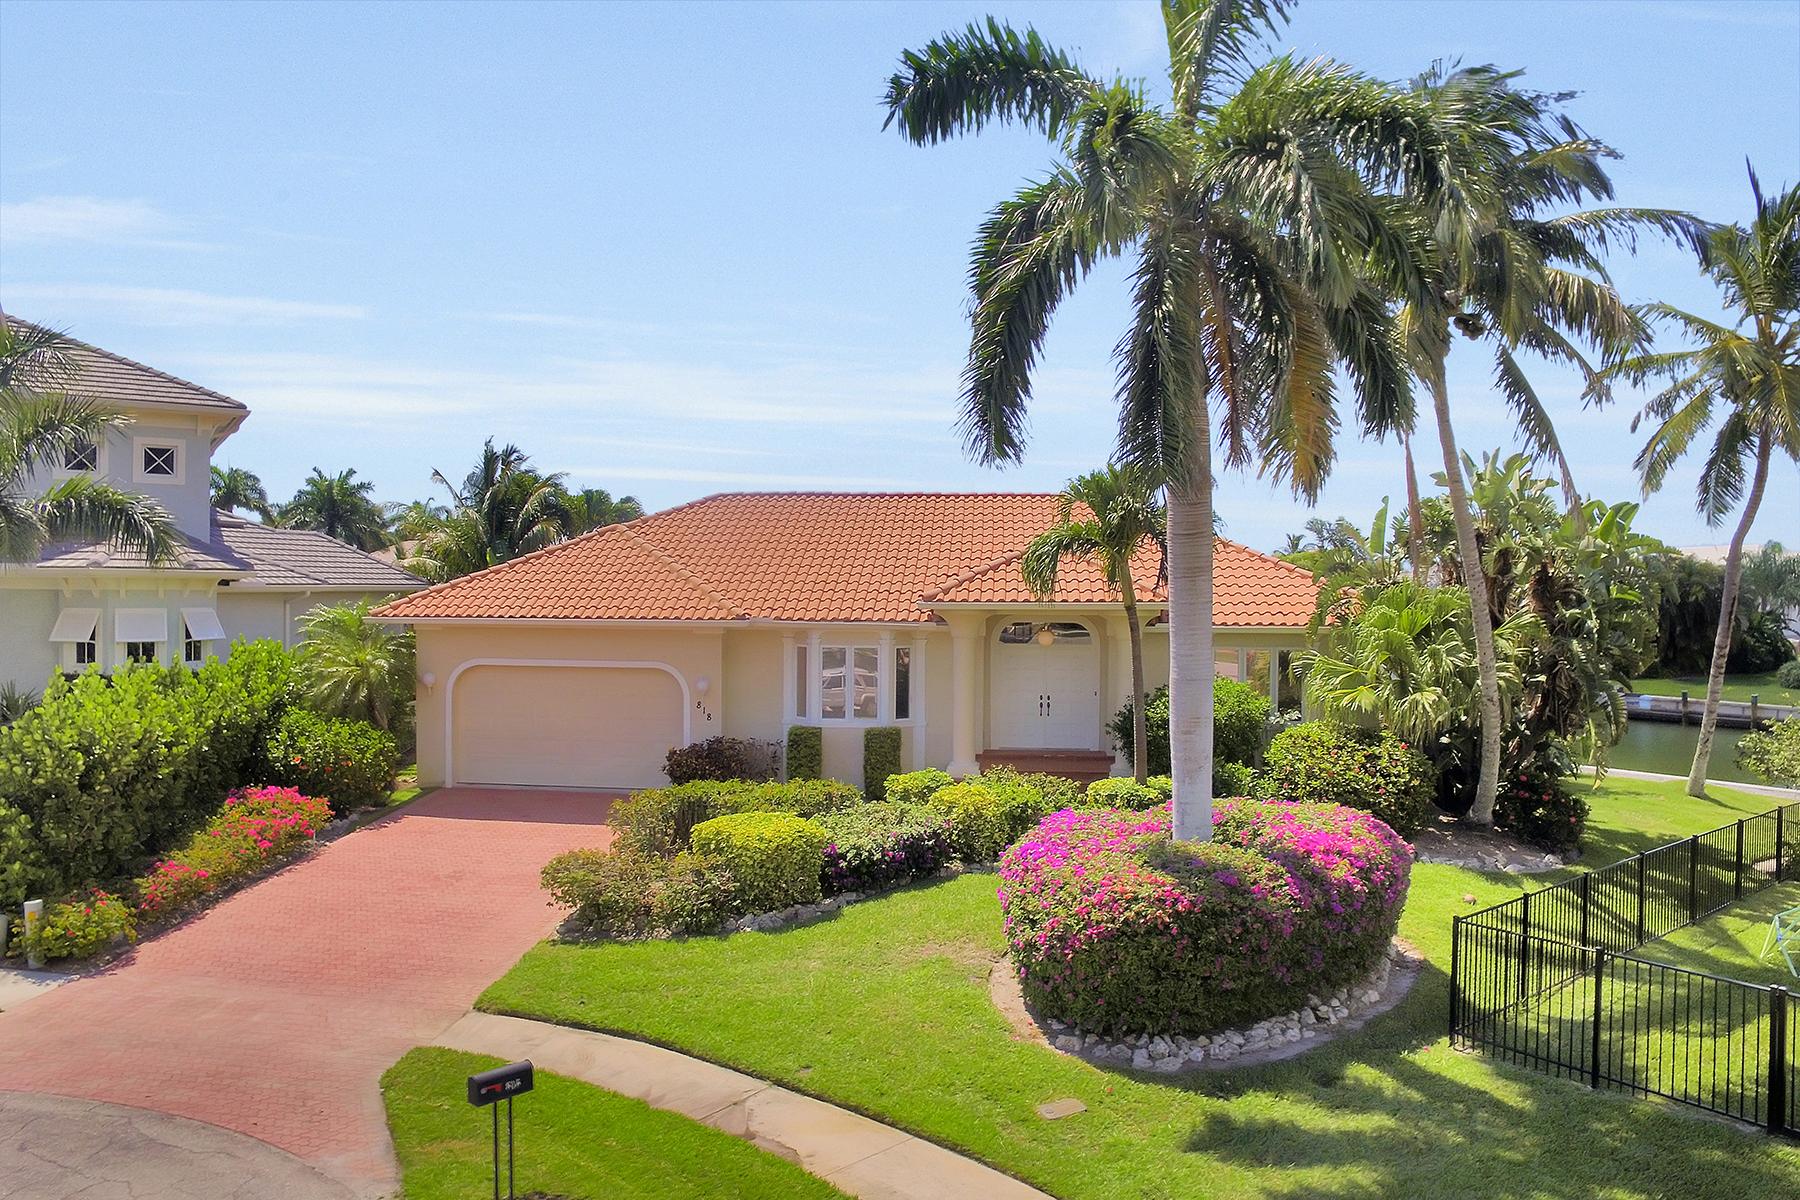 Maison unifamiliale pour l Vente à MARCO ISLAND - MAGNOLIA COURT 818 Magnolia Ct Marco Island, Florida, 34145 États-Unis